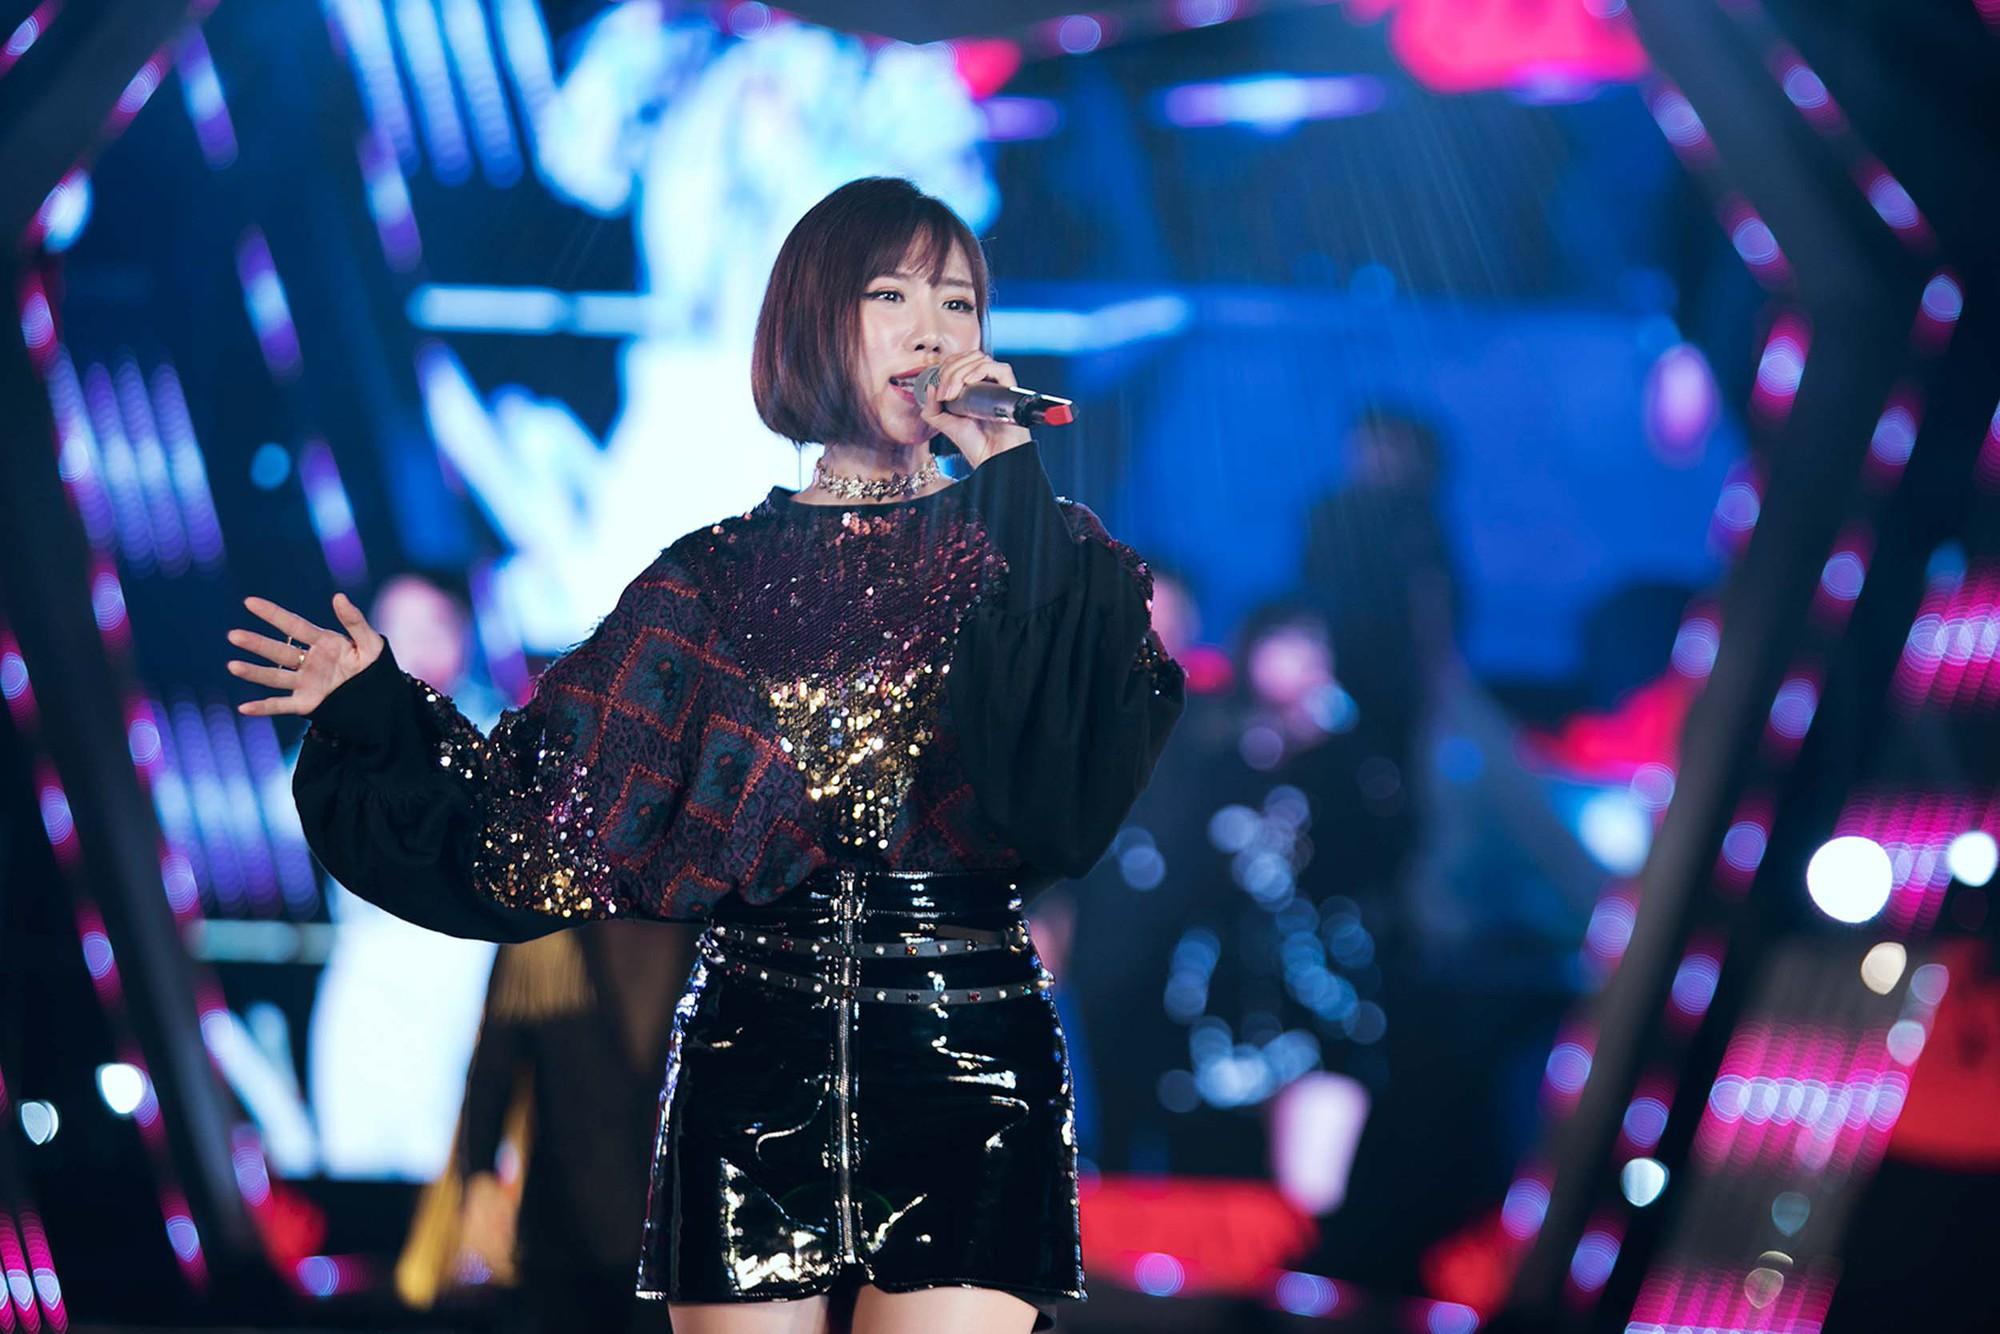 Mỹ Tâm lần đầu remix Đừng hỏi em, Đông Nhi - Noo Phước Thịnh mang loạt hit sôi động lên sân khấu - Ảnh 16.